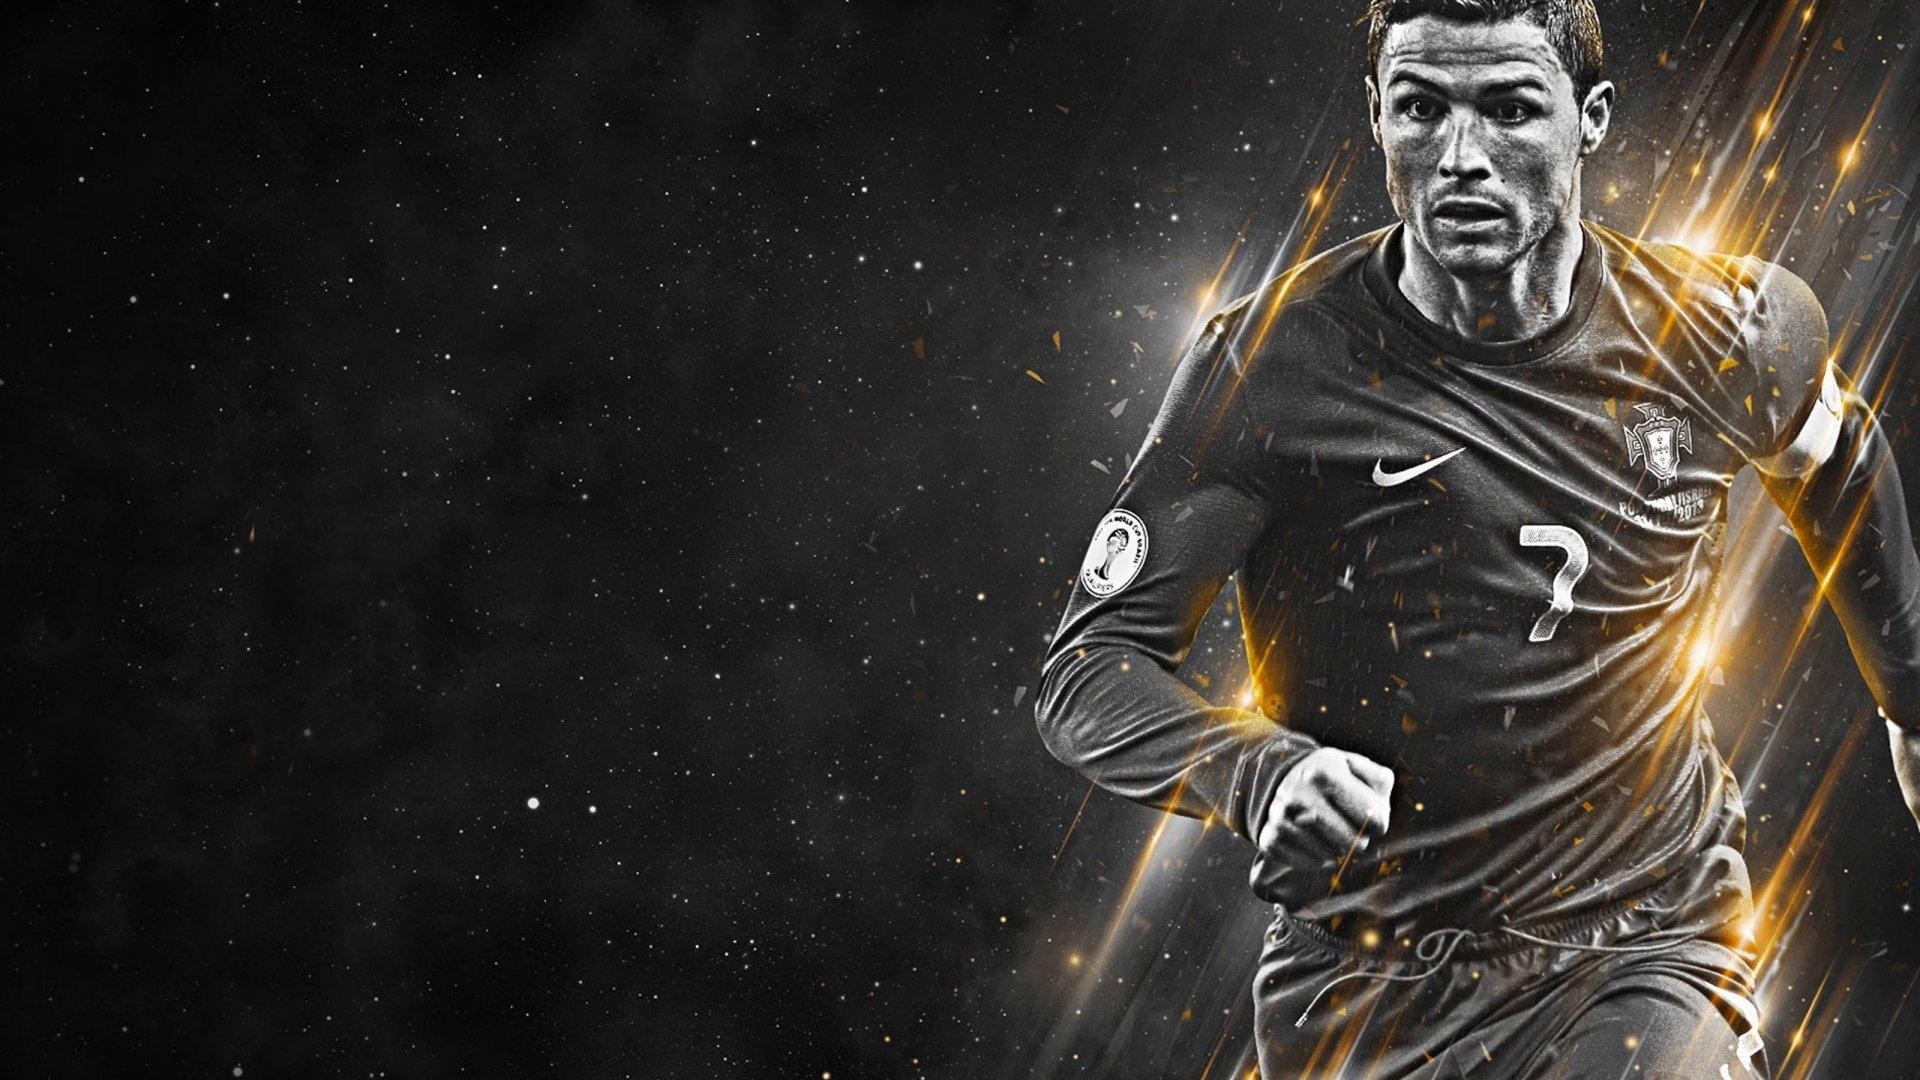 Cristiano Ronaldo Jugando Fondo De Pantalla 2k Quad HD ID:1827